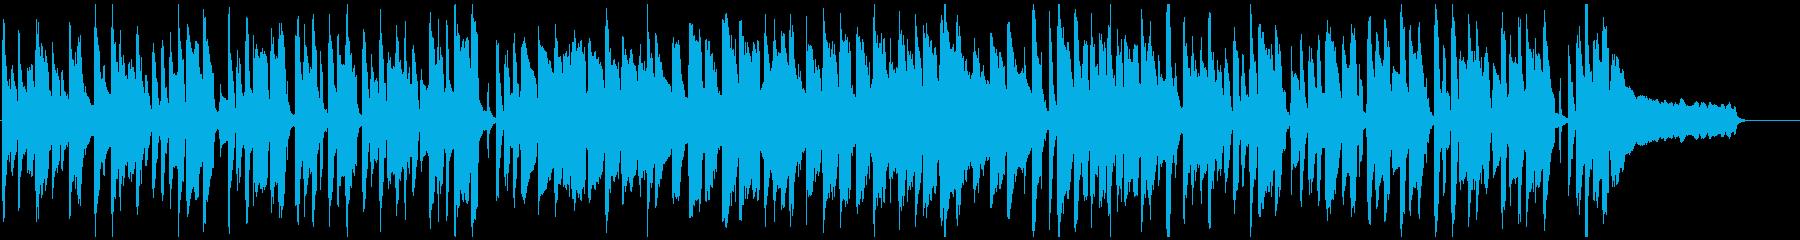 シンプル、素朴、ほのぼの脱力系リコーダーの再生済みの波形